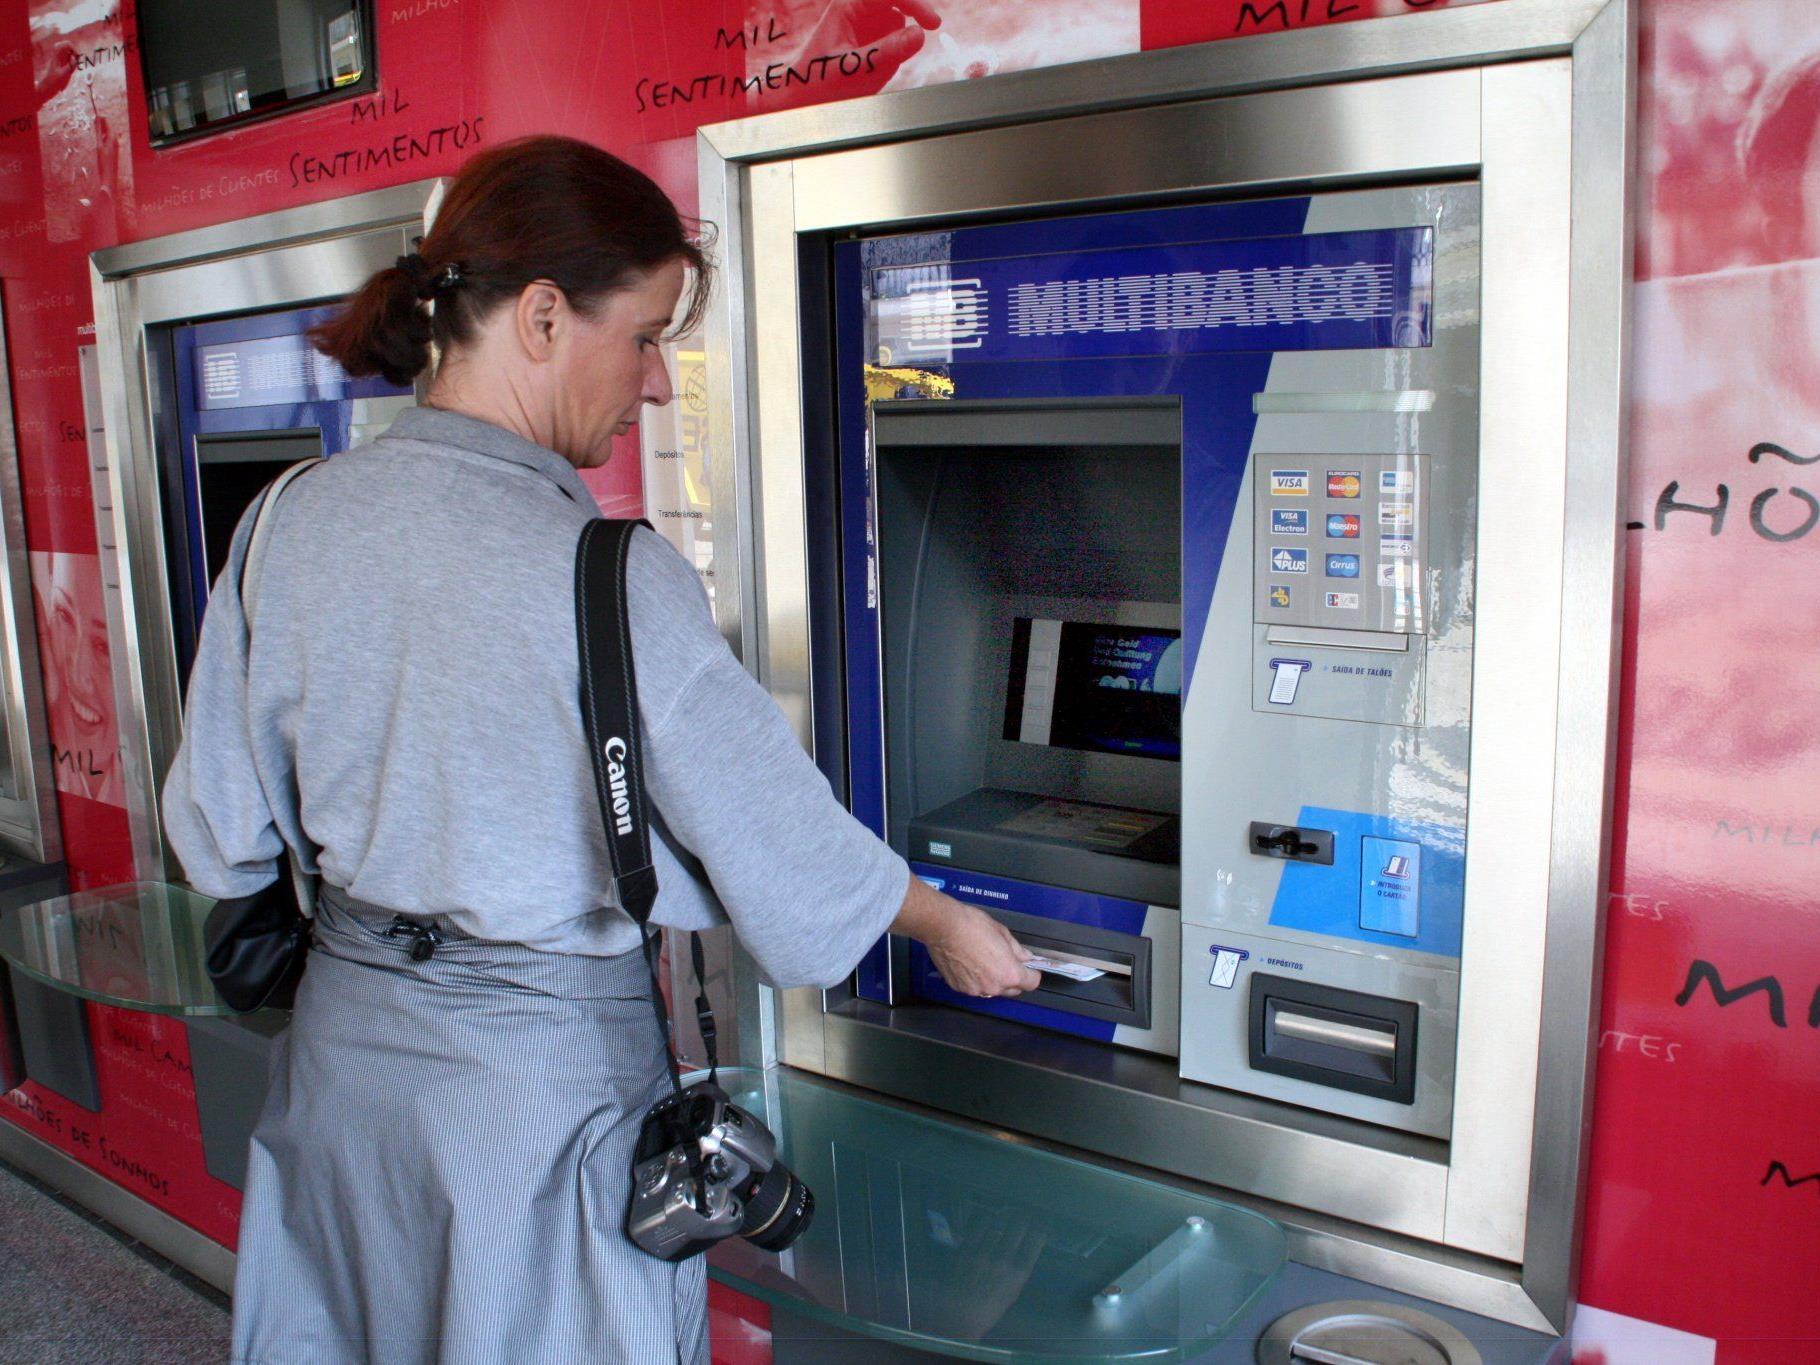 Ein manipulierter Bankomat in der Steiermark sorgte für warmen Geldregen eine halbe Welt weit weg